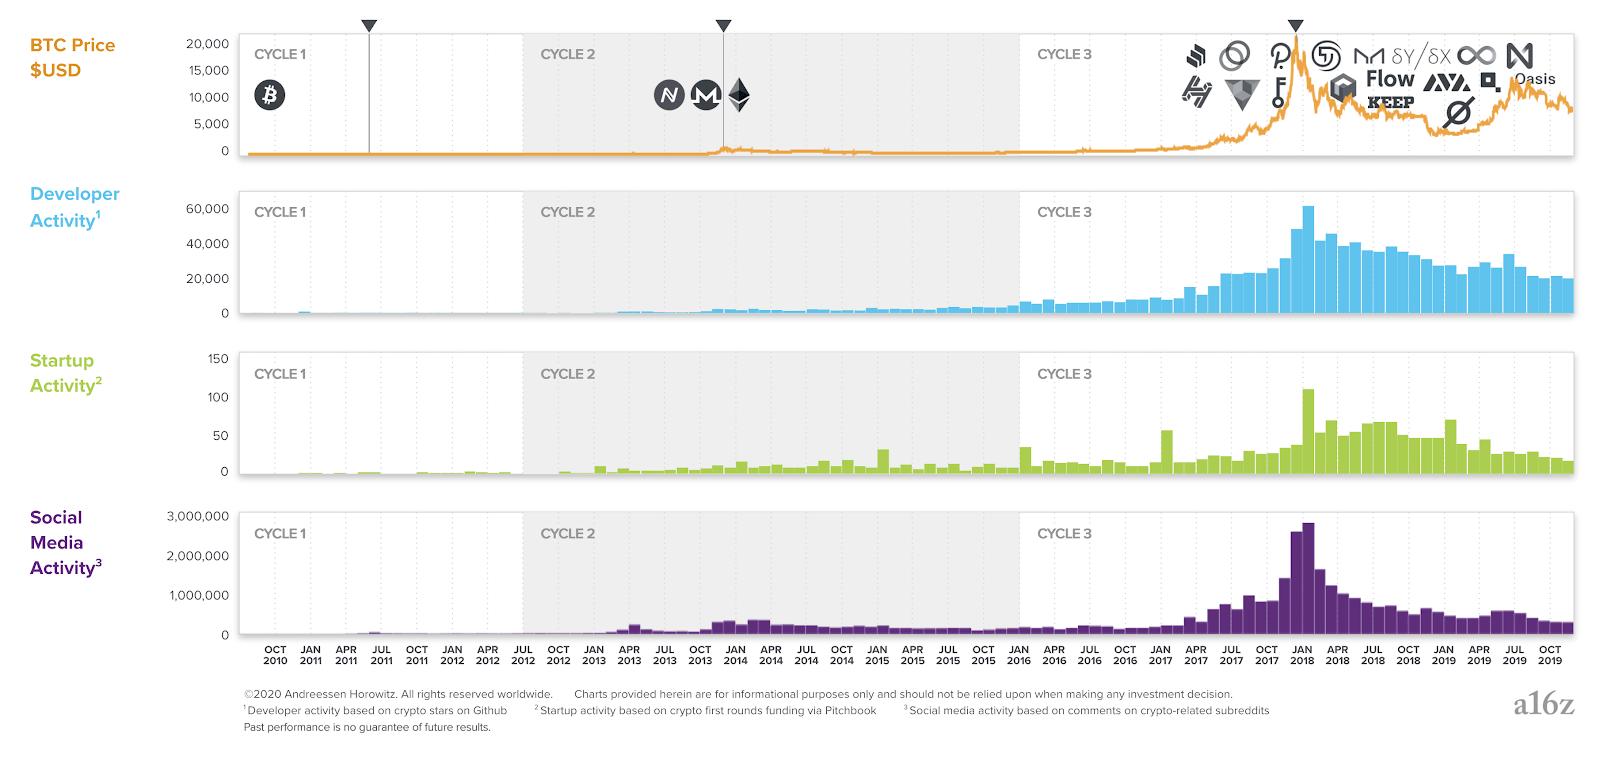 Активность разработчиков с 2009 по 2019 годы